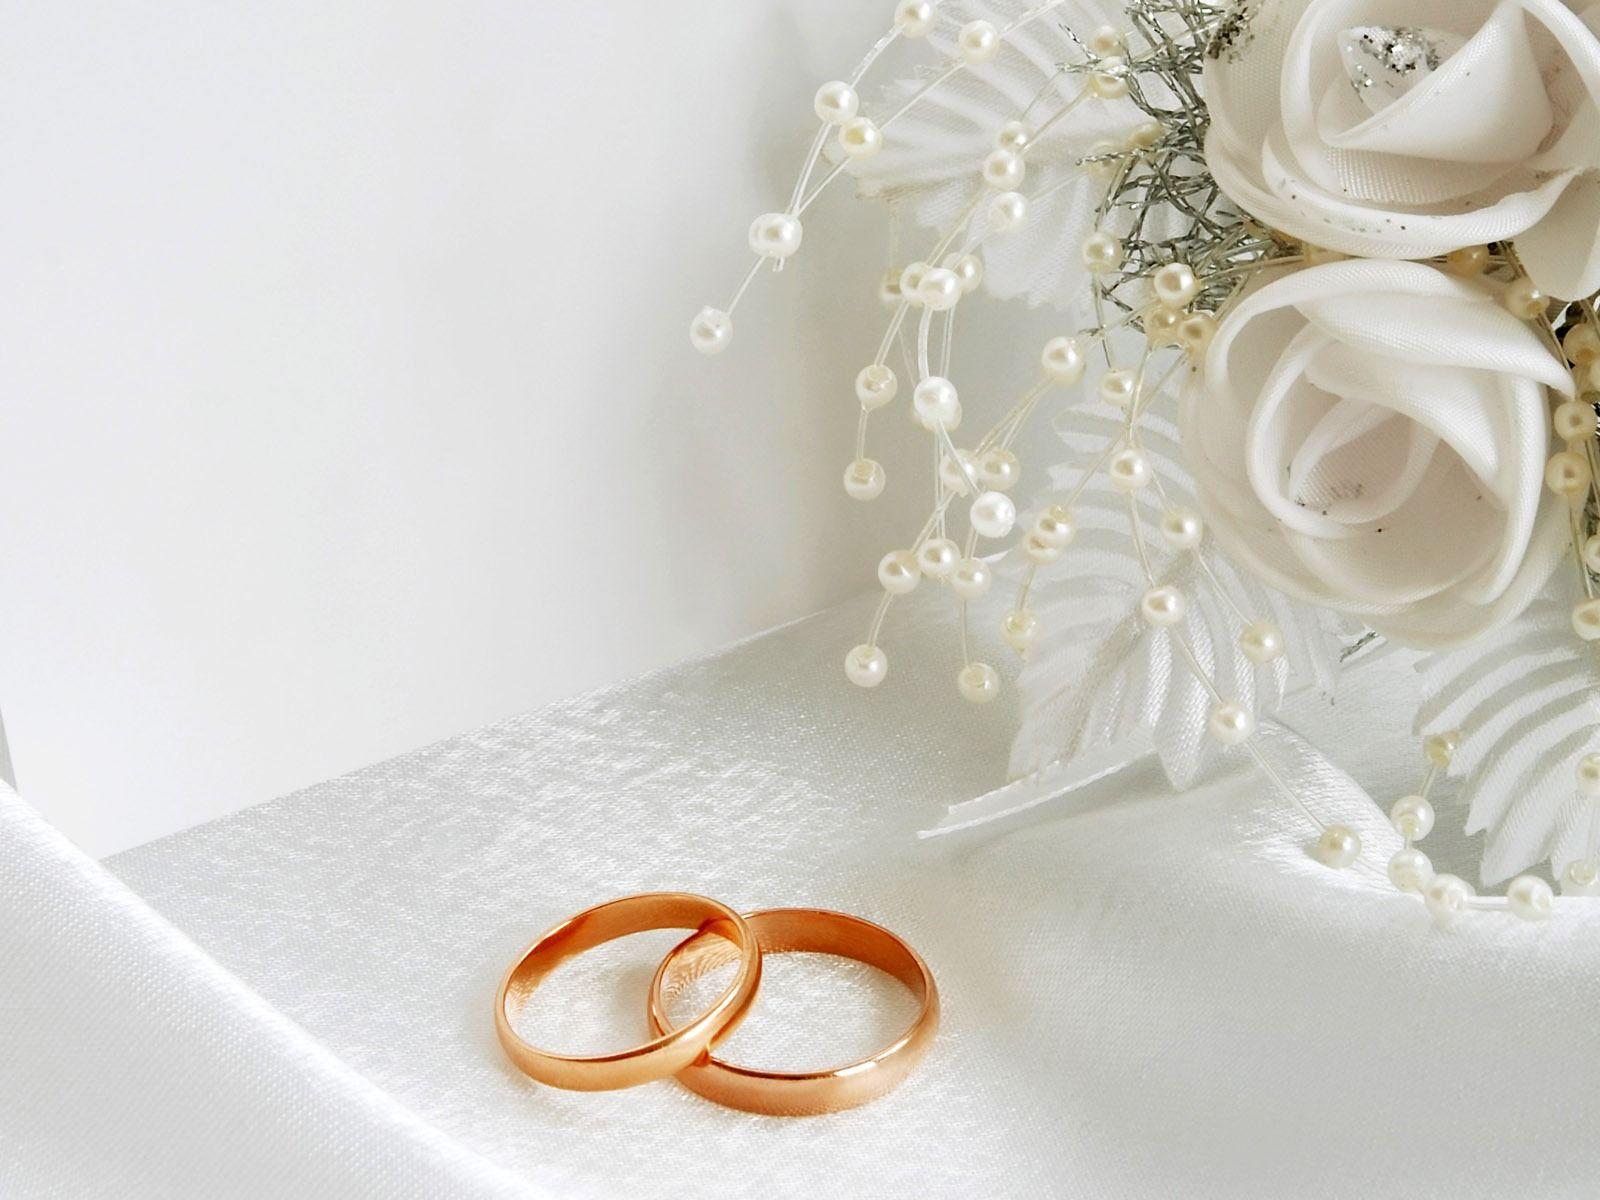 Matrimonio Catolico Definicion : Fondos para invitaciones de bodas en hd gratis poner